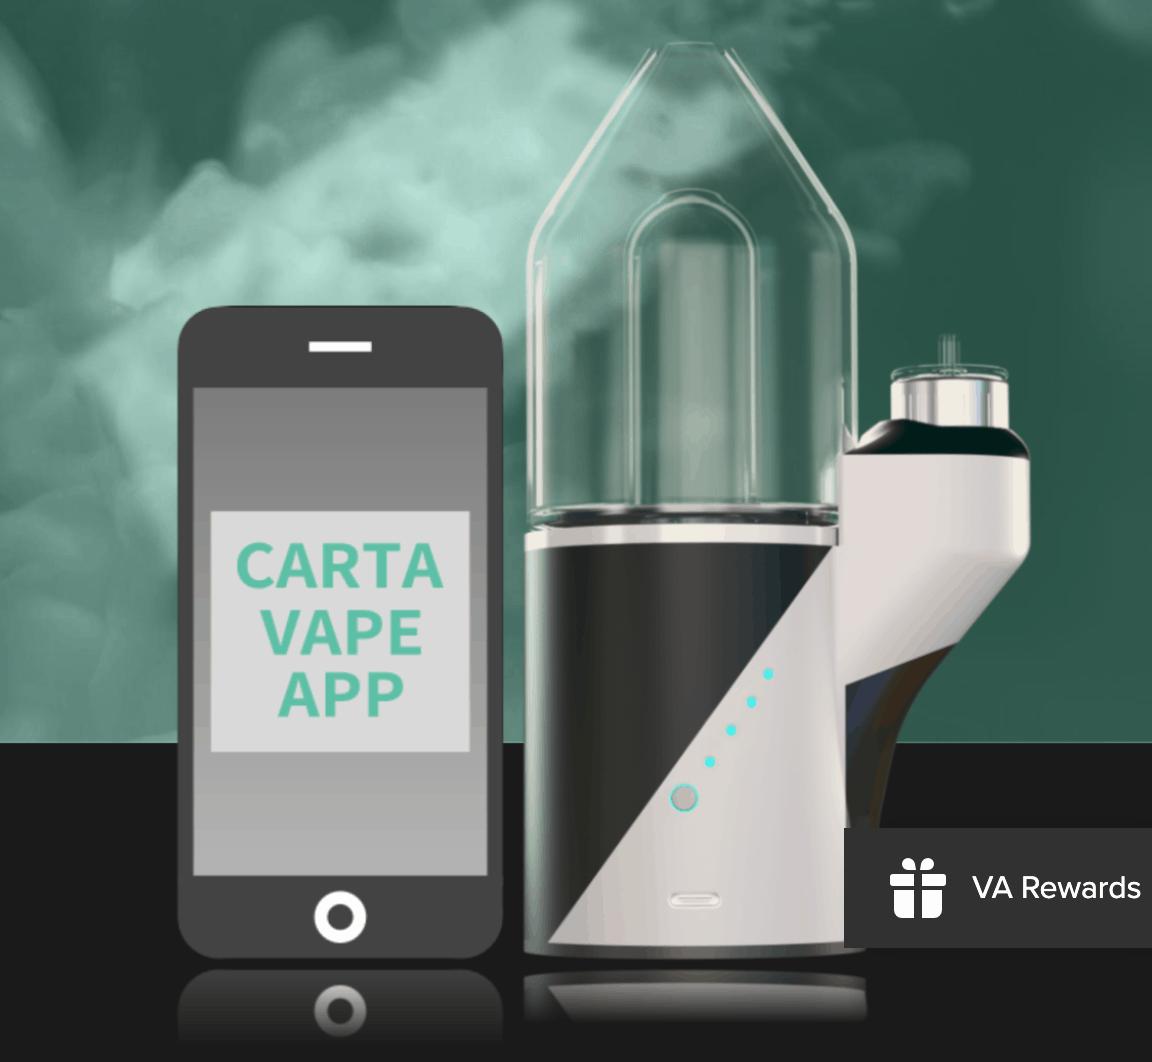 Focus V Carta Vape Rig Advanced Vaping System